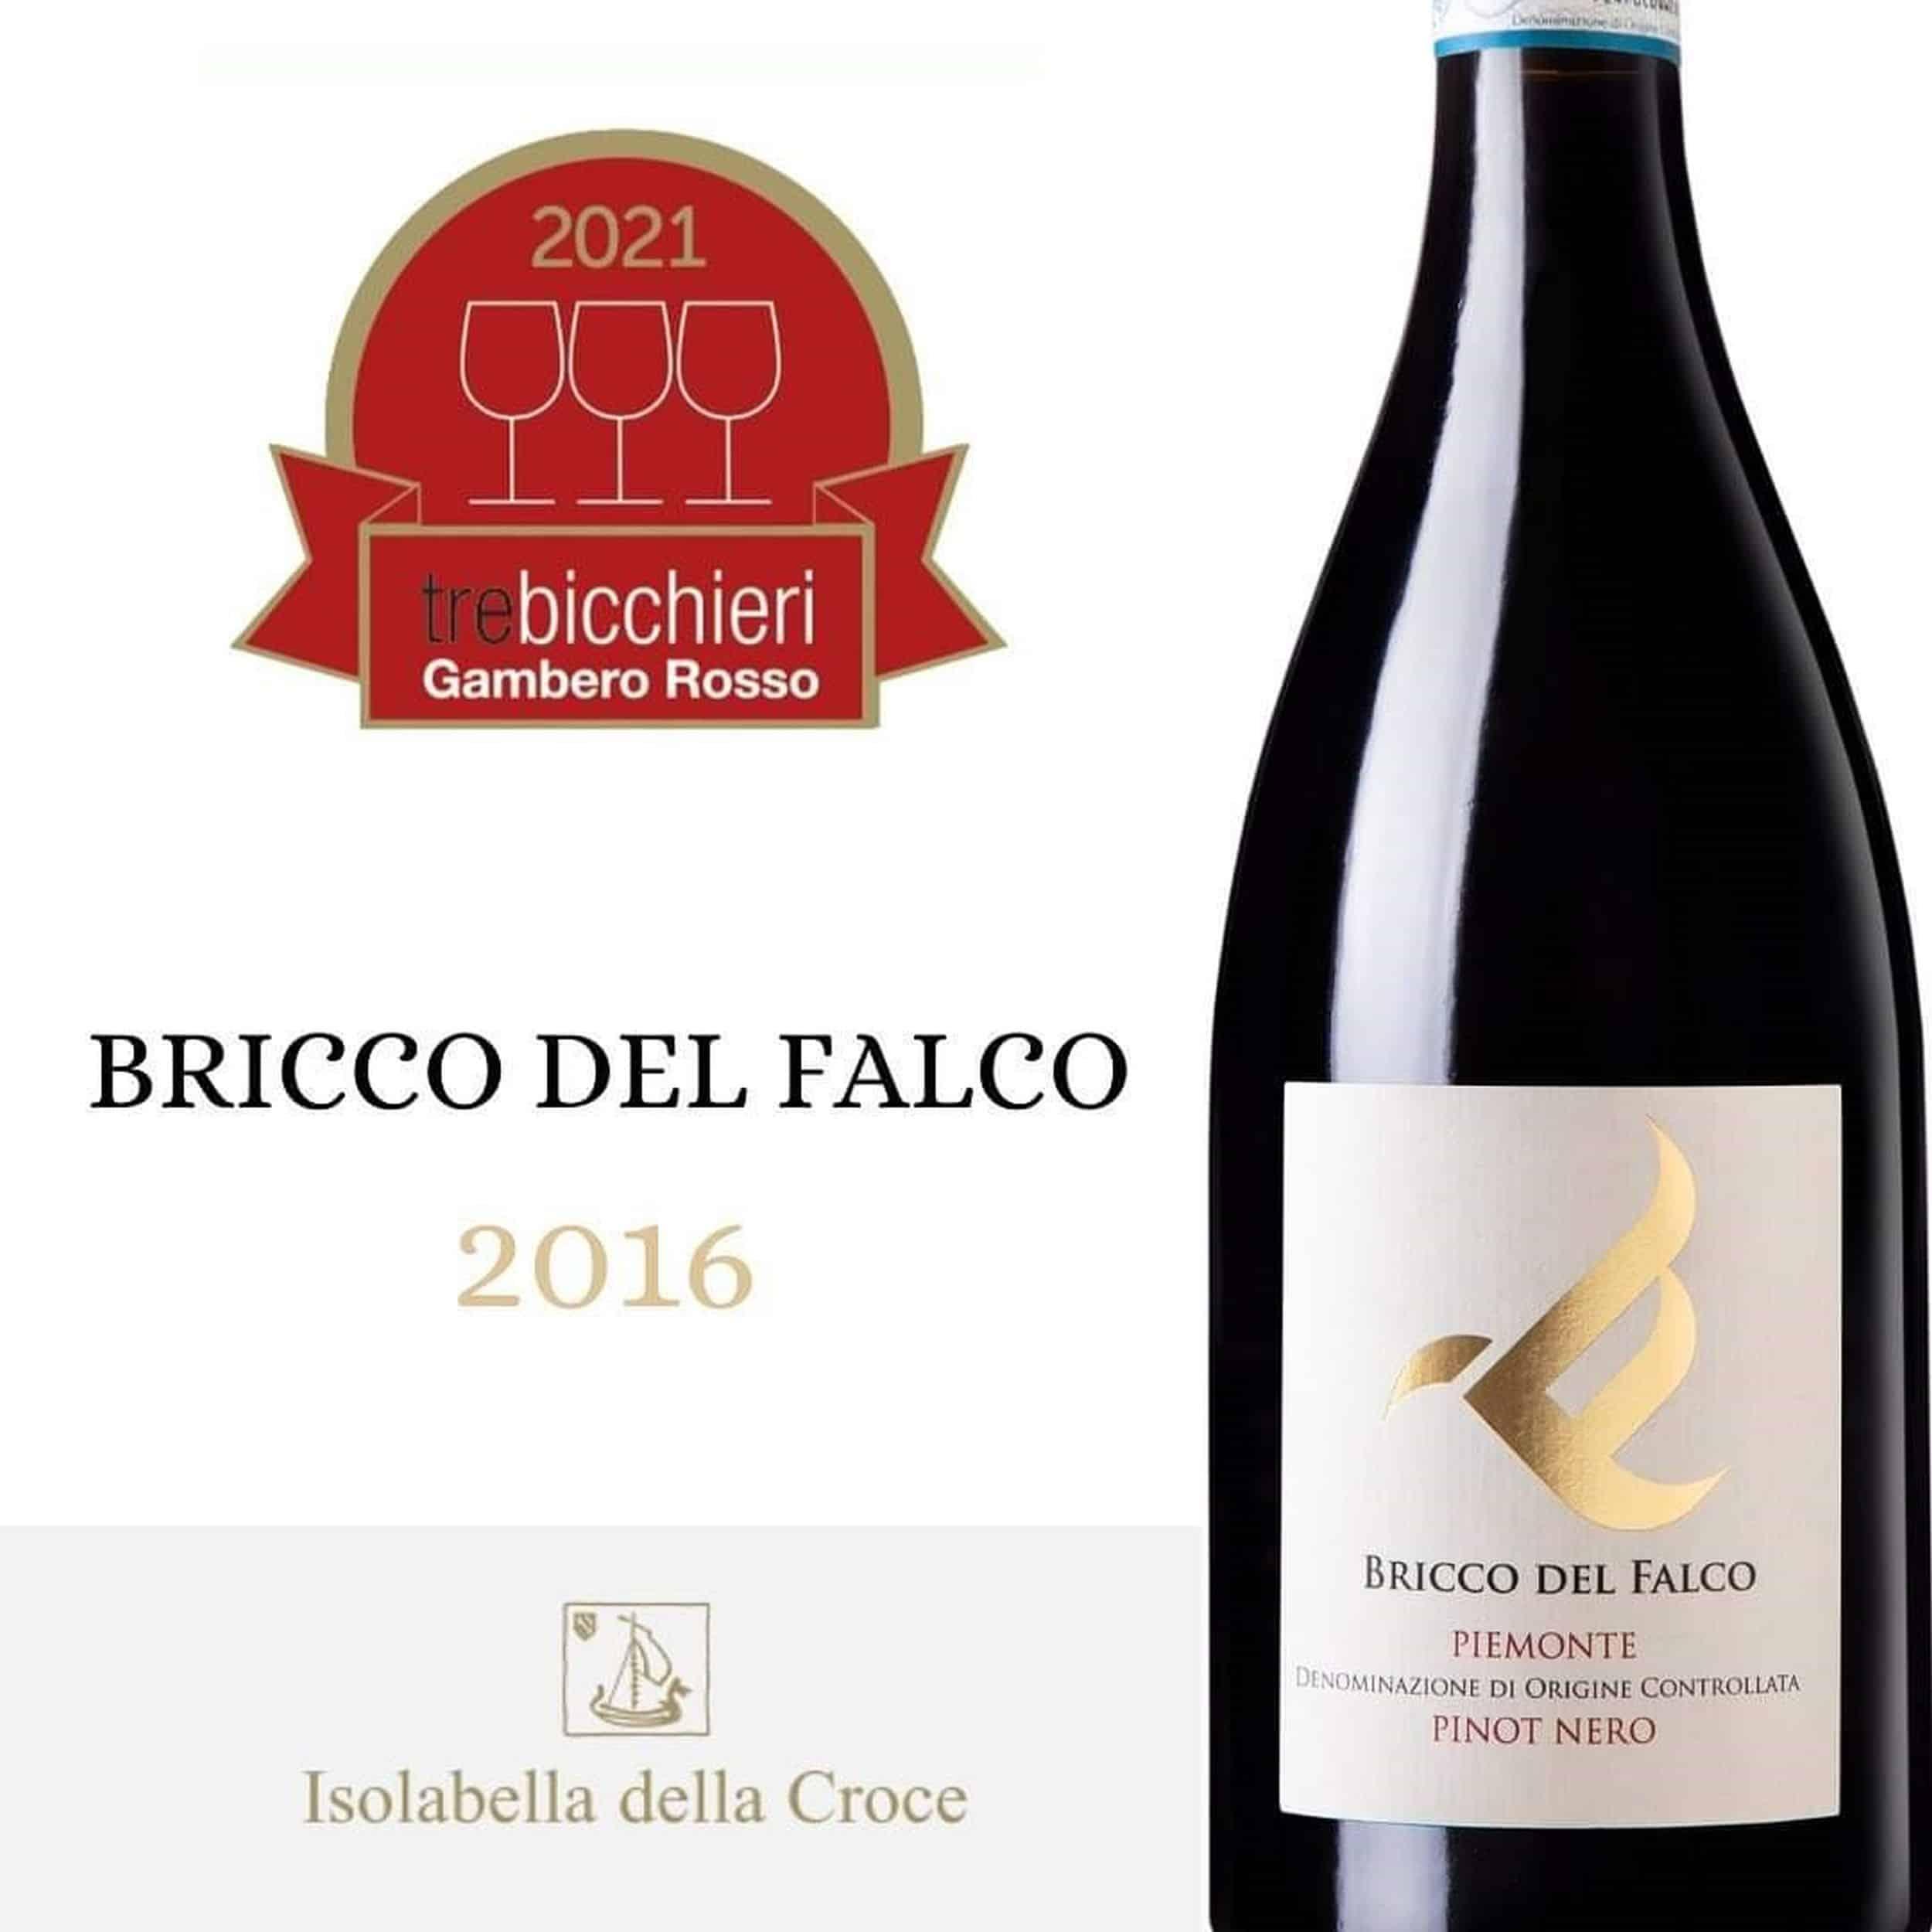 Pinot Nero Bricco del Falco 2016